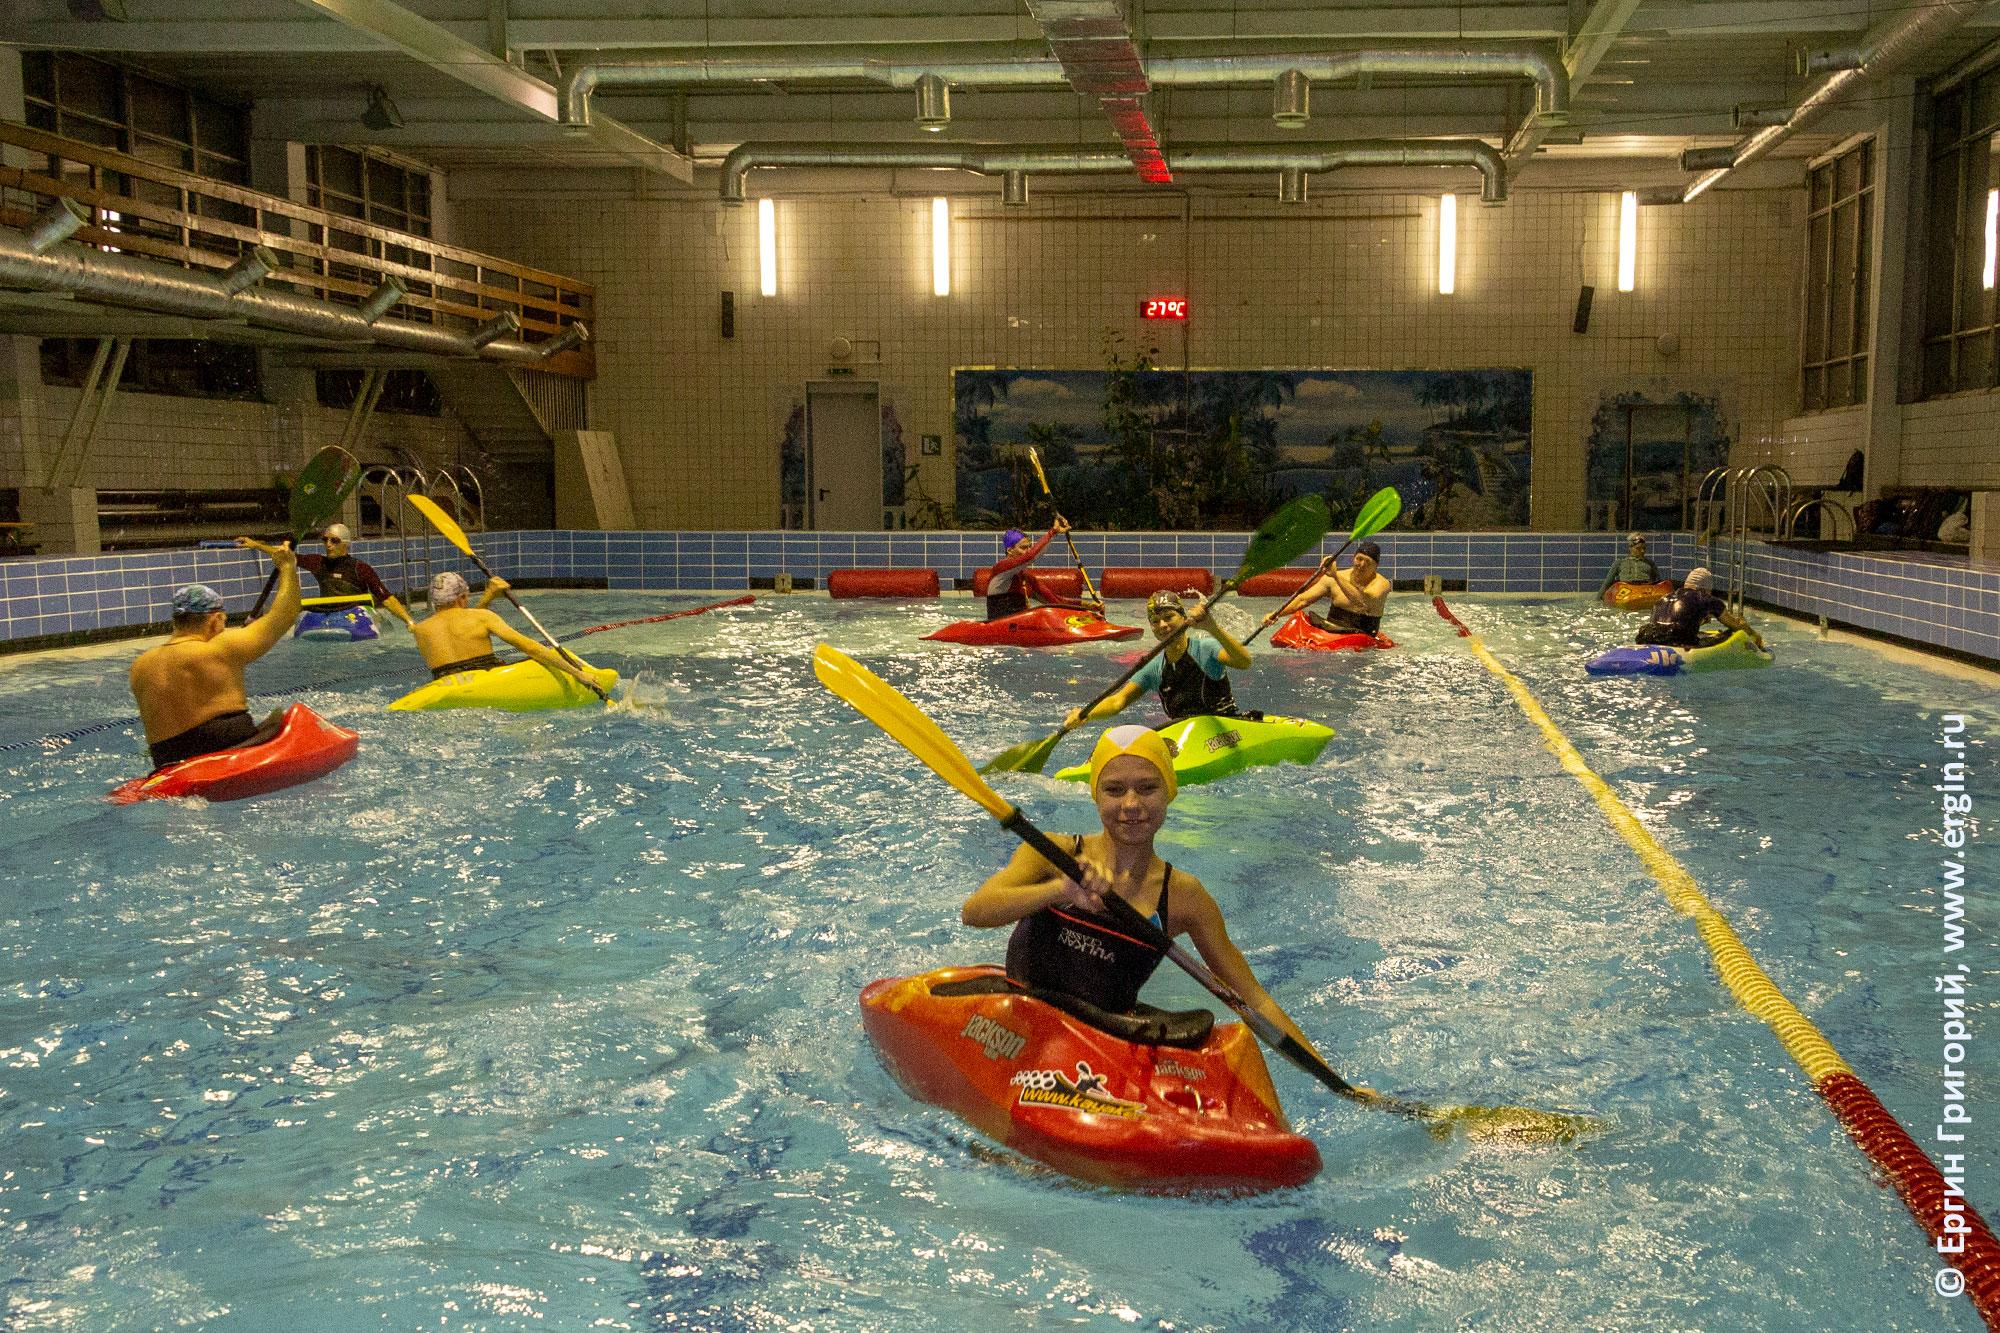 Занятия по гребле на каяках в бассейне